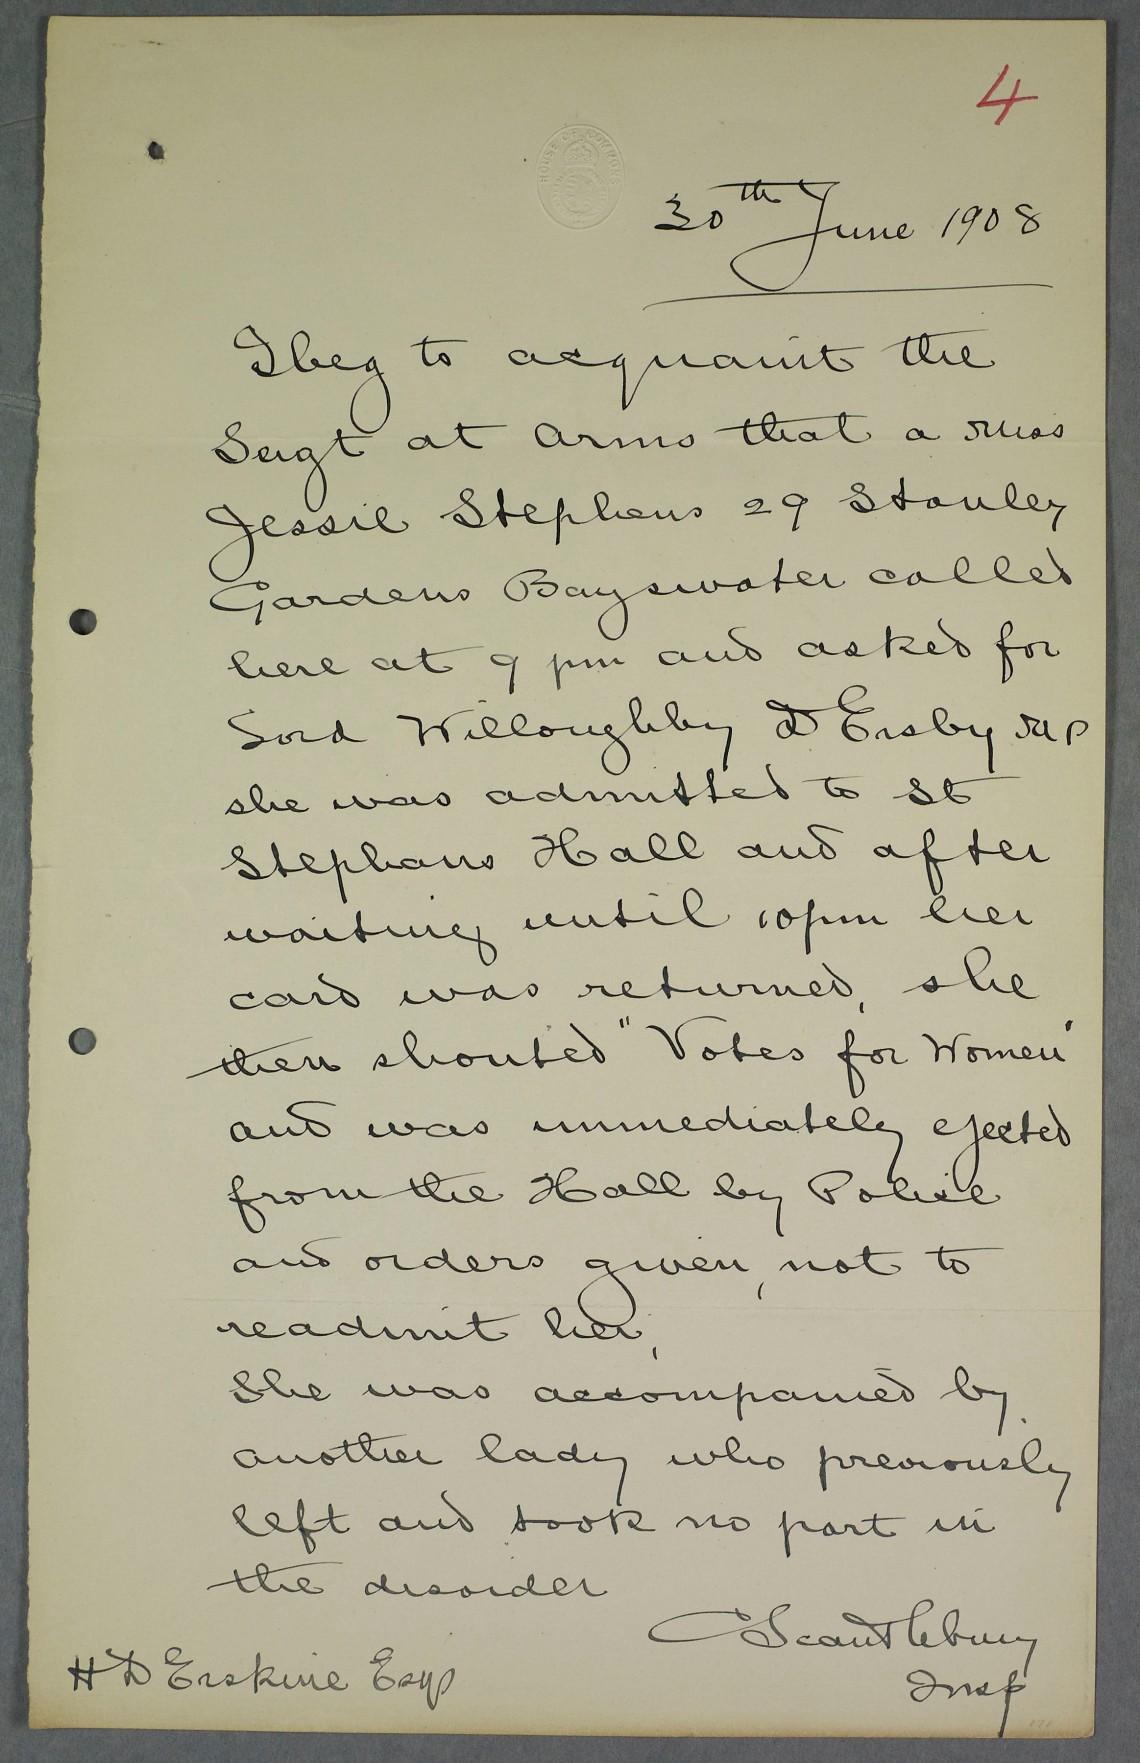 Jessie Stephen police report. Parliamentary Archives, HC/SA/SJ/10/12/4